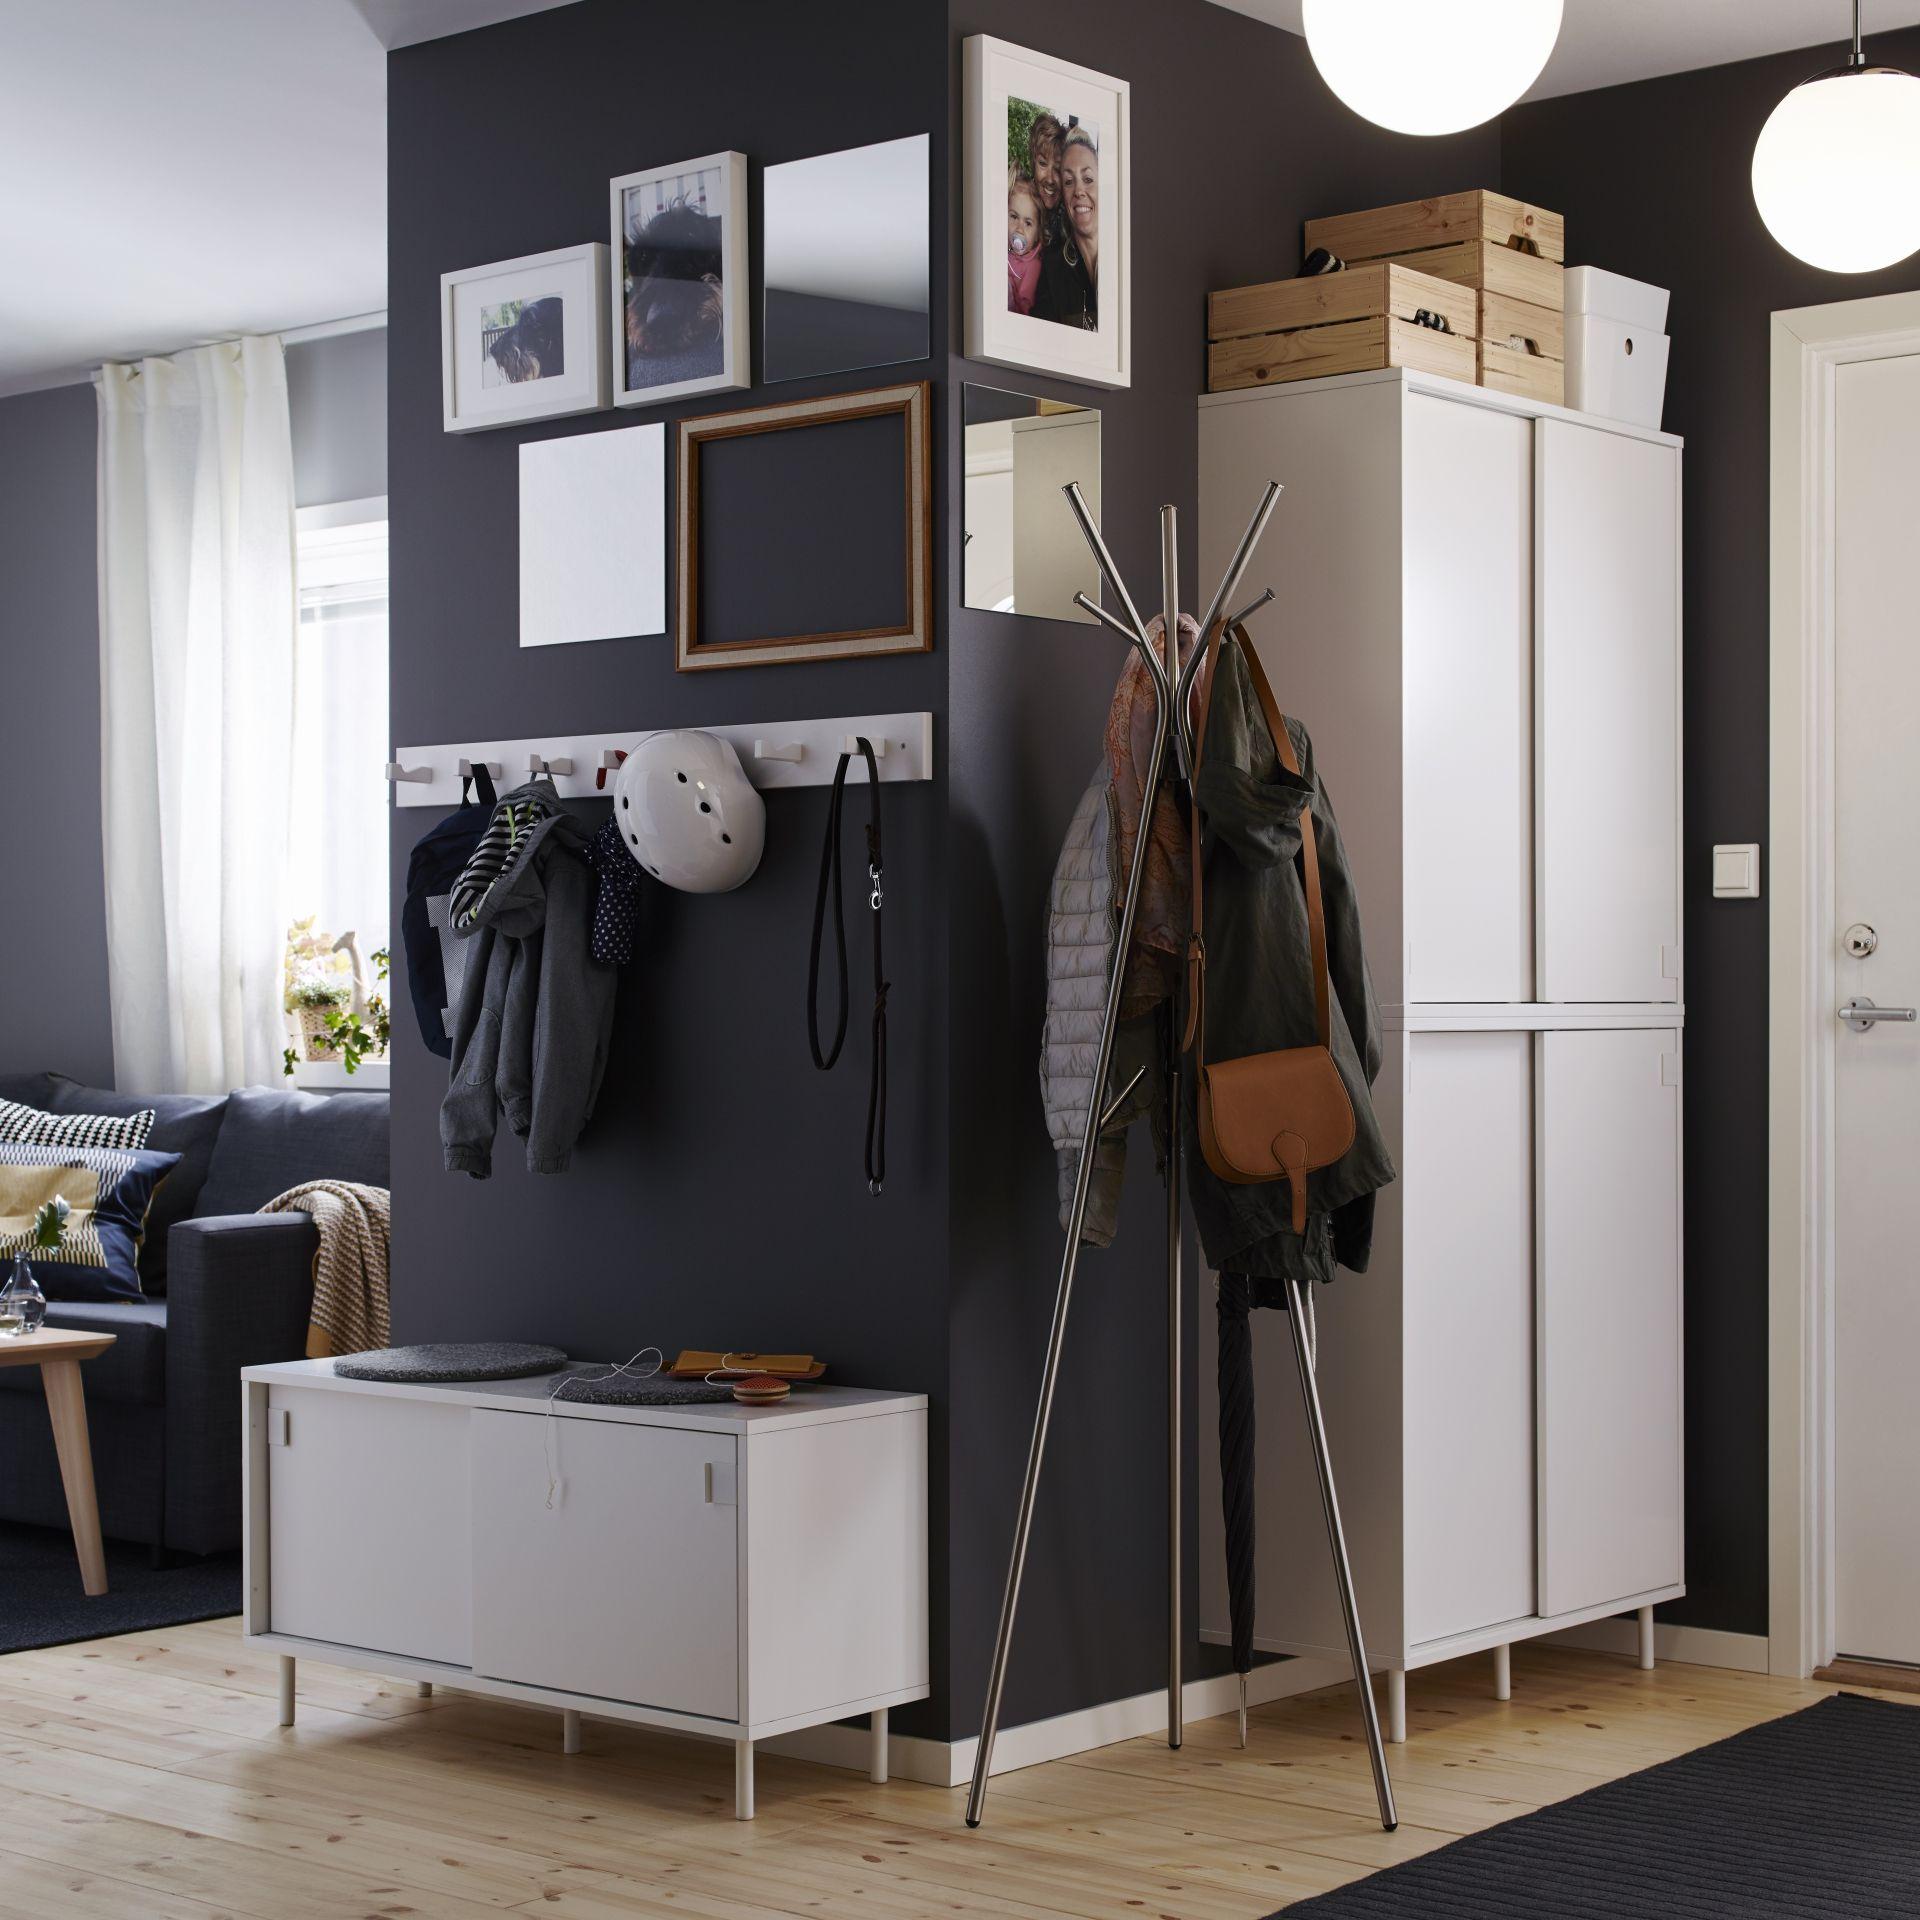 mackap r bank met opbergvakken nieuw bij ikea pinterest flure diele und ankleide. Black Bedroom Furniture Sets. Home Design Ideas